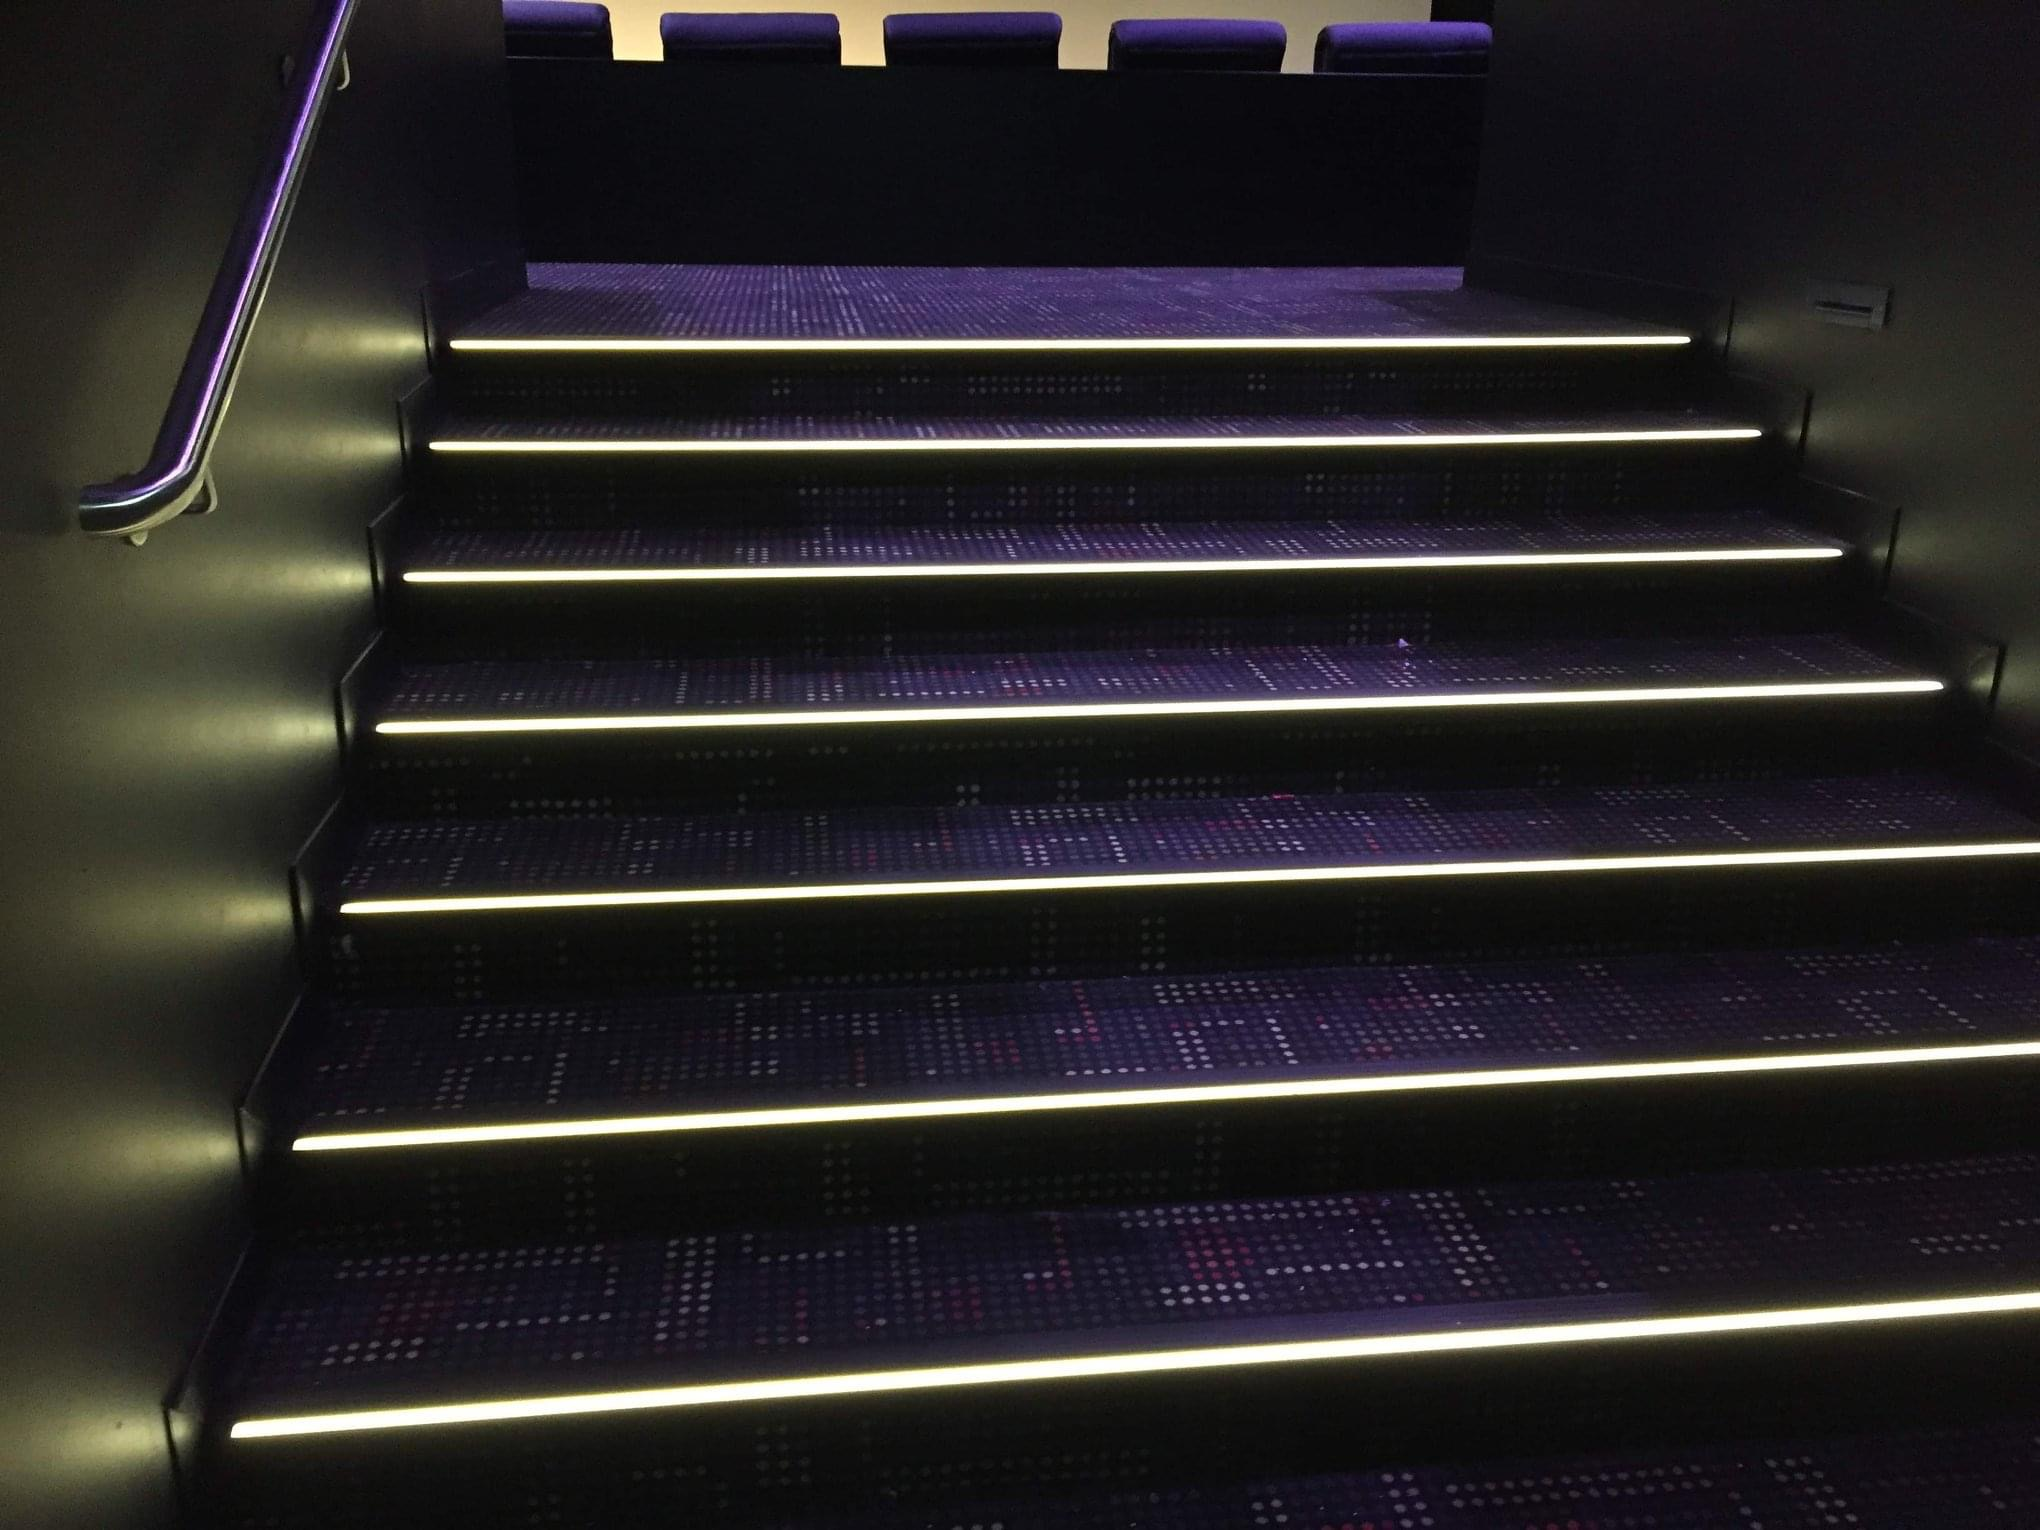 Eingangsbereich eines Auditoriums mit Leuchtenden Treppenstufen. Die komplette Kante leuchtet leicht abgedunkelt in weiß